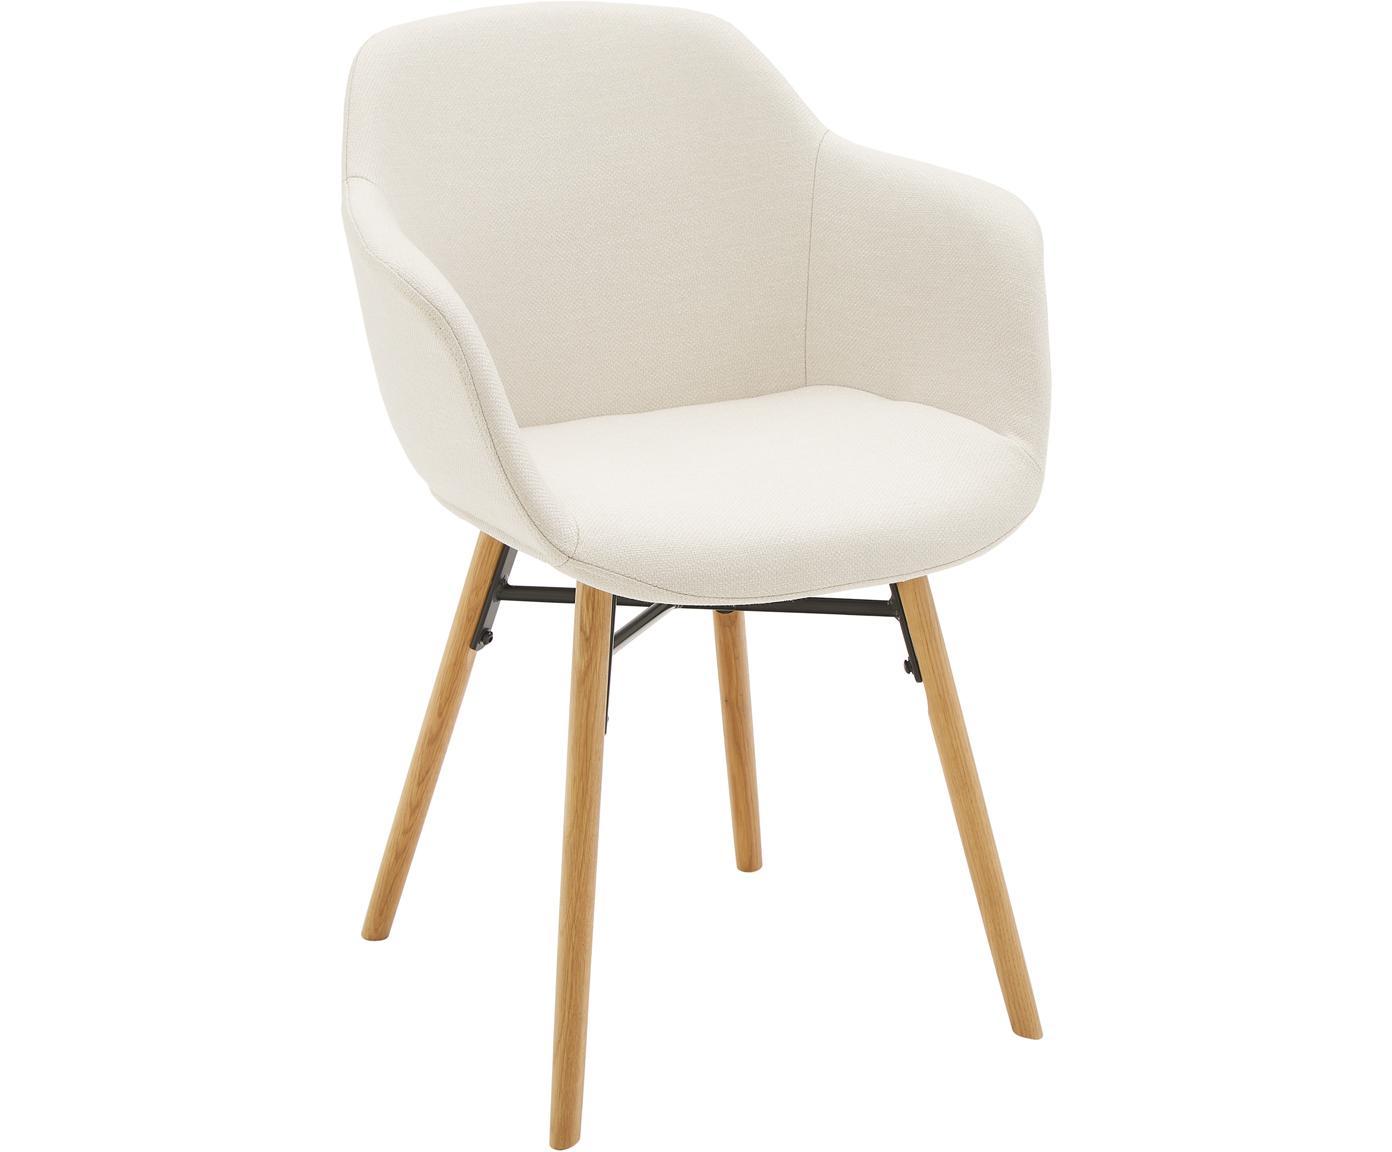 Krzesło z podłokietnikami Fiji, Tapicerka: poliester 40 000 cykli w , Nogi: lite drewno dębowe, Siedzisko: kremowobiały nogi: drewno dębowe, S 59 x G 55 cm